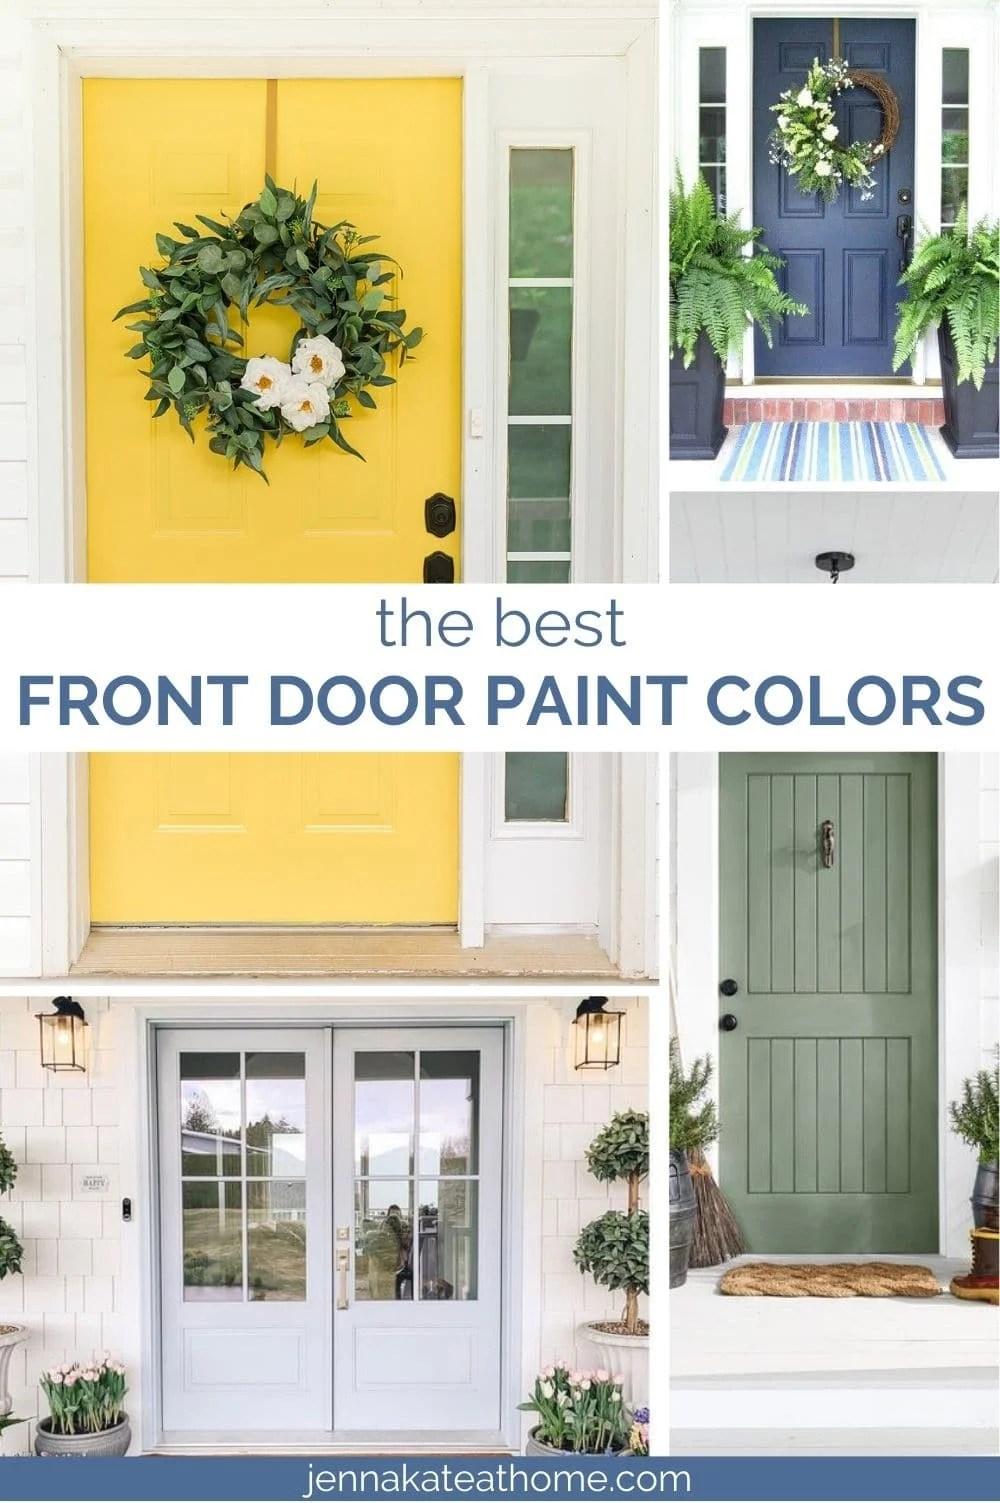 the best front door paint colors